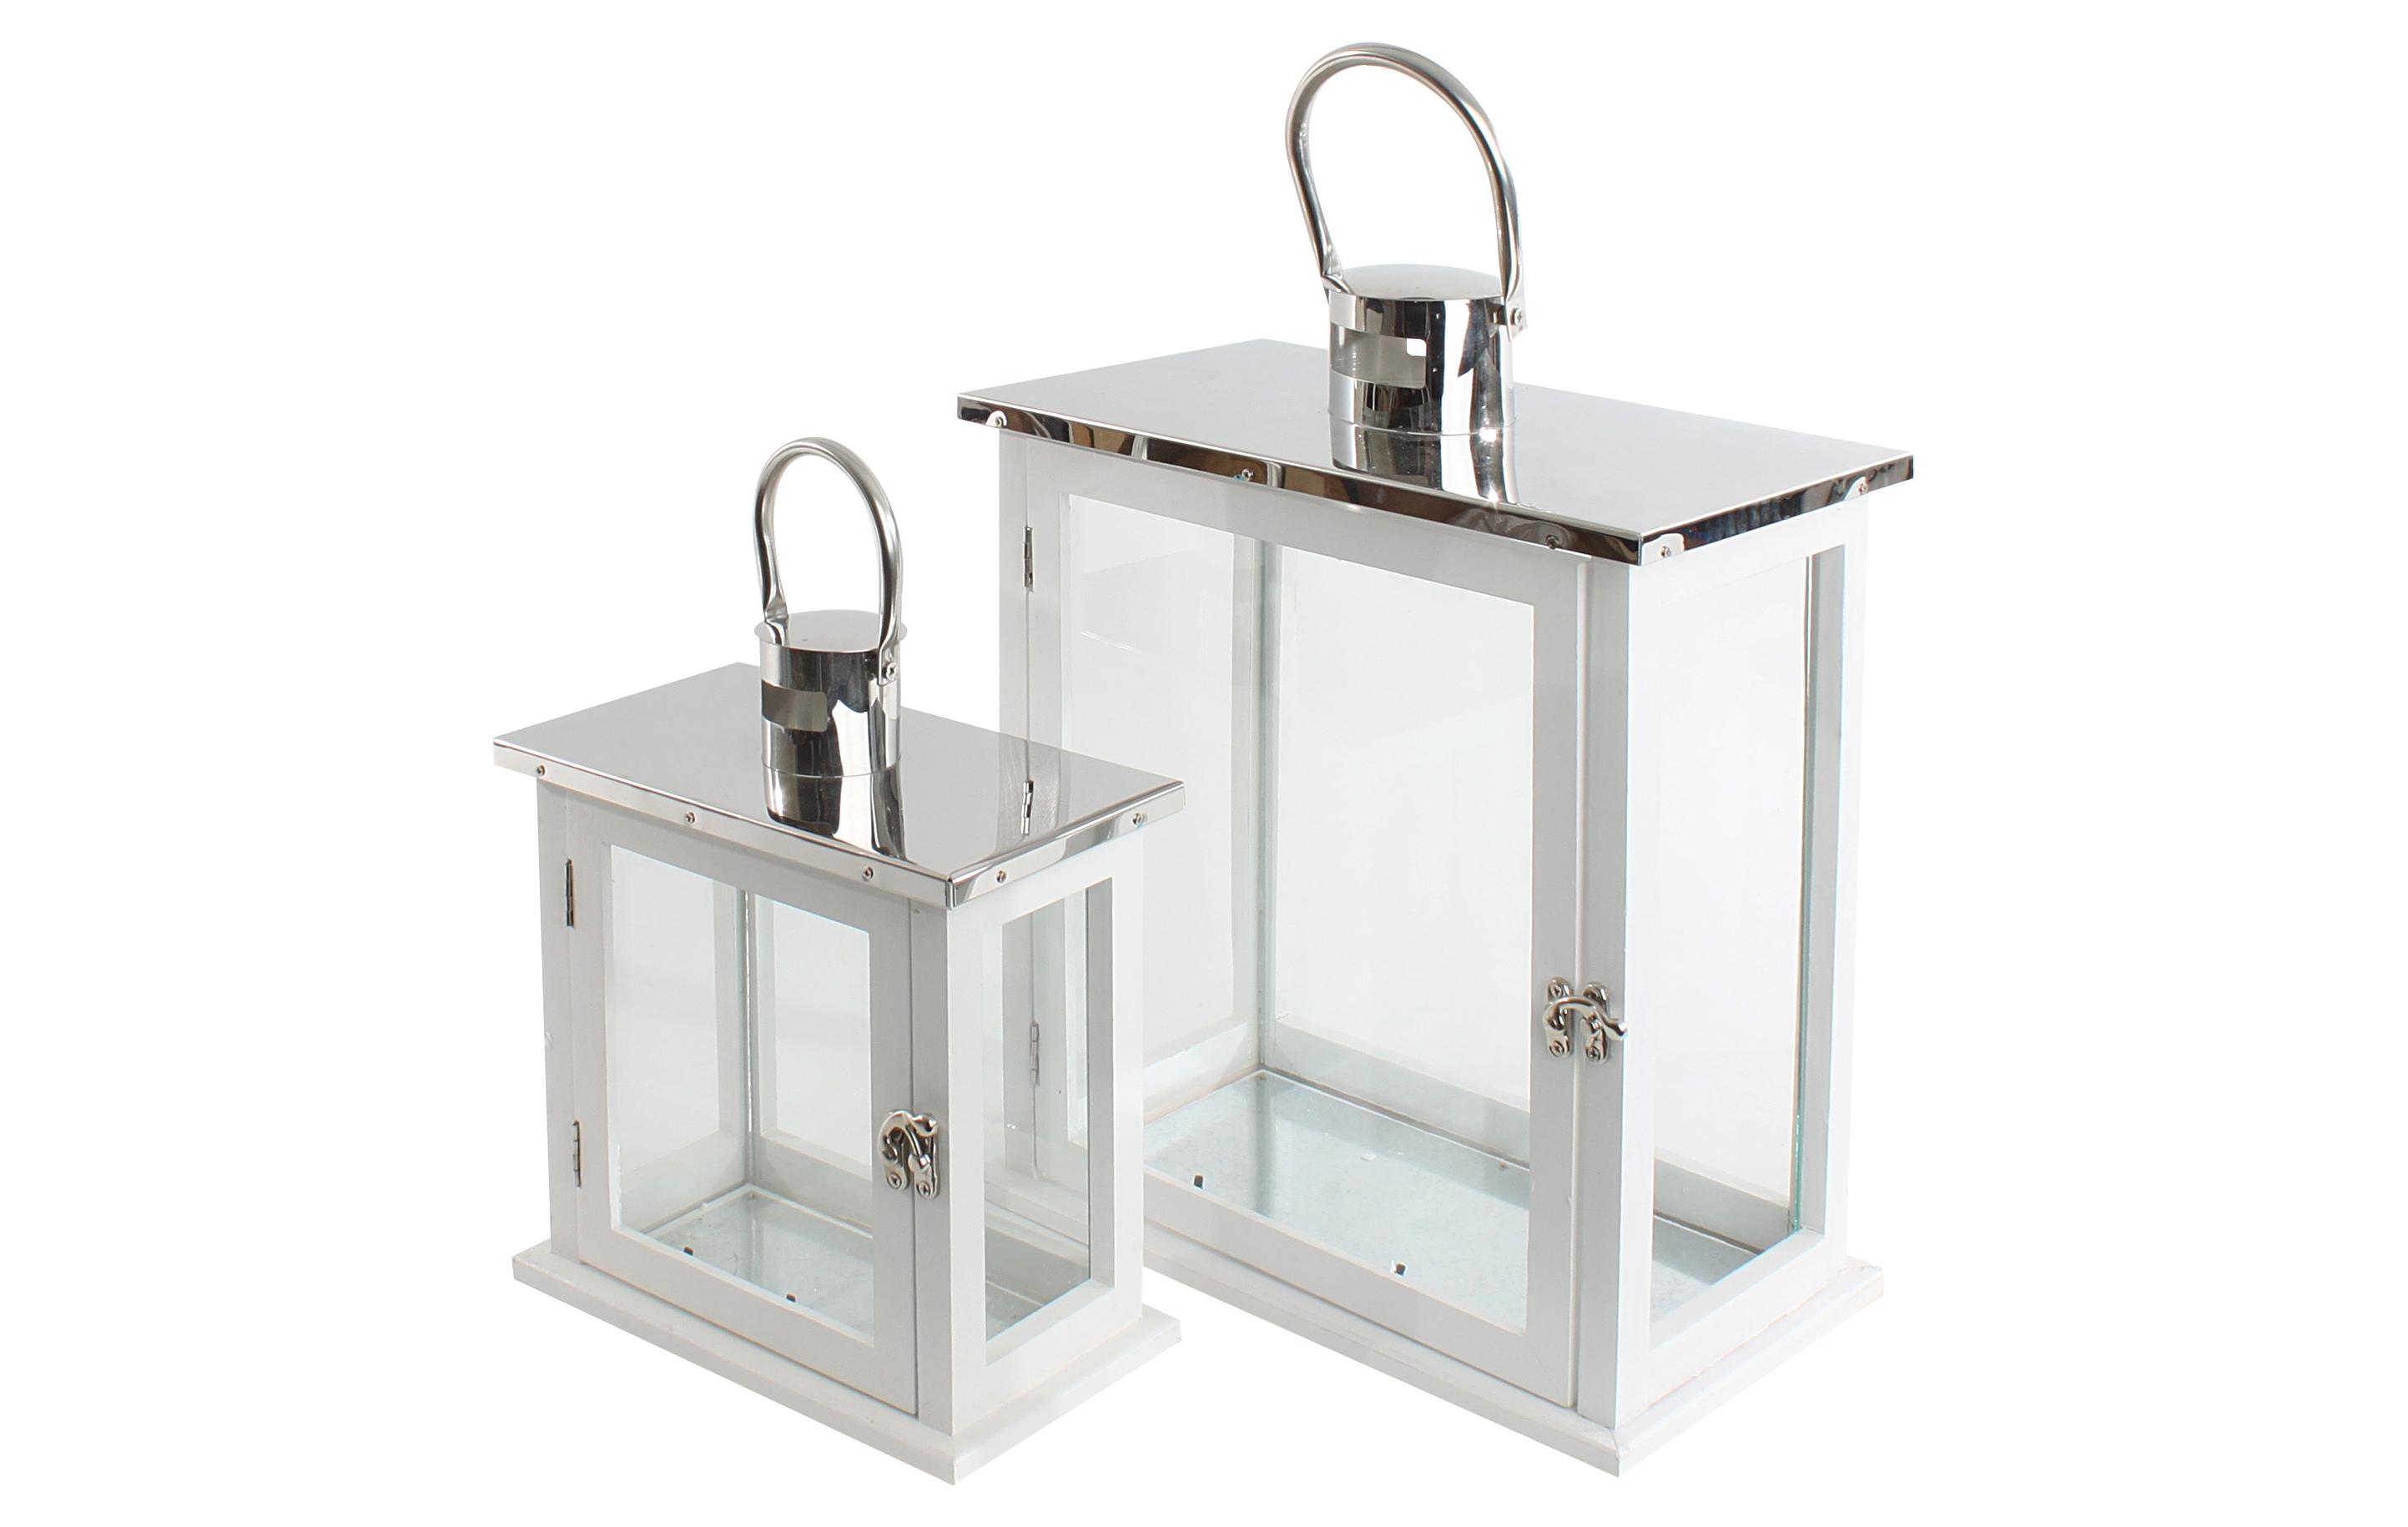 Сет из двух фонарейДругое<br>&amp;lt;div&amp;gt;Этот оригинальный декор подстать элегантным интерьерам, где каждой детали отведана своя роль. Фонарики выполнены в виде стеклянных коробов и отделаны металлической фурнитурой. Набор может отлично сочетаться с модерновыми аксессуарами и роскошной мебелью. &amp;amp;nbsp;&amp;lt;br&amp;gt;&amp;lt;/div&amp;gt;&amp;lt;div&amp;gt;&amp;lt;br&amp;gt;&amp;lt;/div&amp;gt;&amp;lt;div&amp;gt;Размеры фонариков:&amp;lt;/div&amp;gt;&amp;lt;div&amp;gt;1.длина: 22 см ширина: 13 см высота: 30 см&amp;lt;/div&amp;gt;&amp;lt;div&amp;gt;2.длина: 31,5 см ширина: 18,5 см высота: 40,5 см&amp;lt;/div&amp;gt;<br><br>Material: Дерево<br>Ширина см: 31.5<br>Высота см: 40.5<br>Глубина см: 18.5